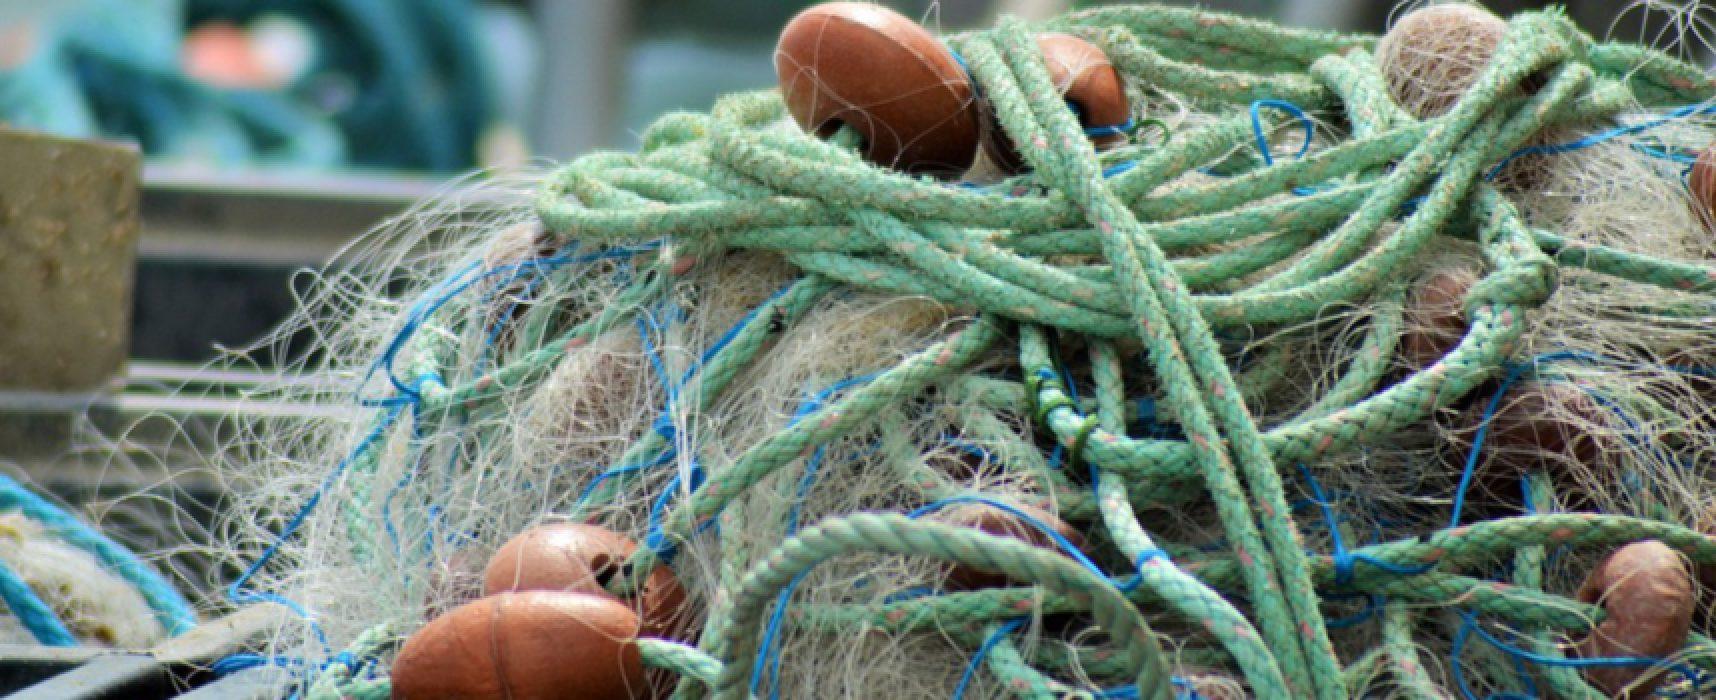 Fermo biologico in tutto l'Adriatico, pesca ferma fino al 23 settembre